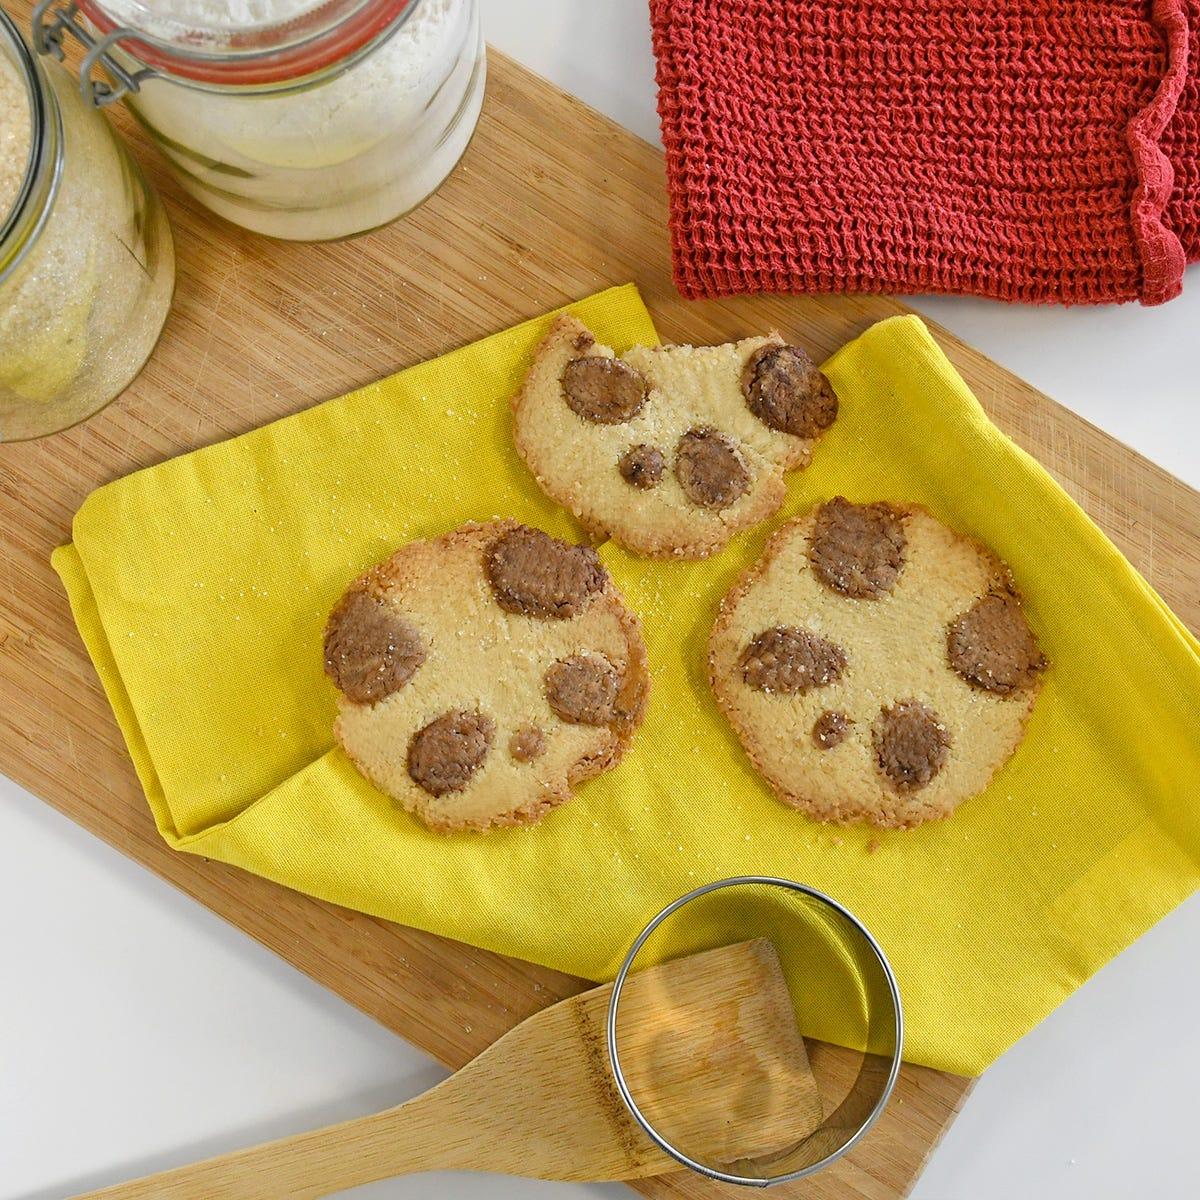 Sorprendete grandi e piccini con i biscotti di pastafrolla a forma di panda!